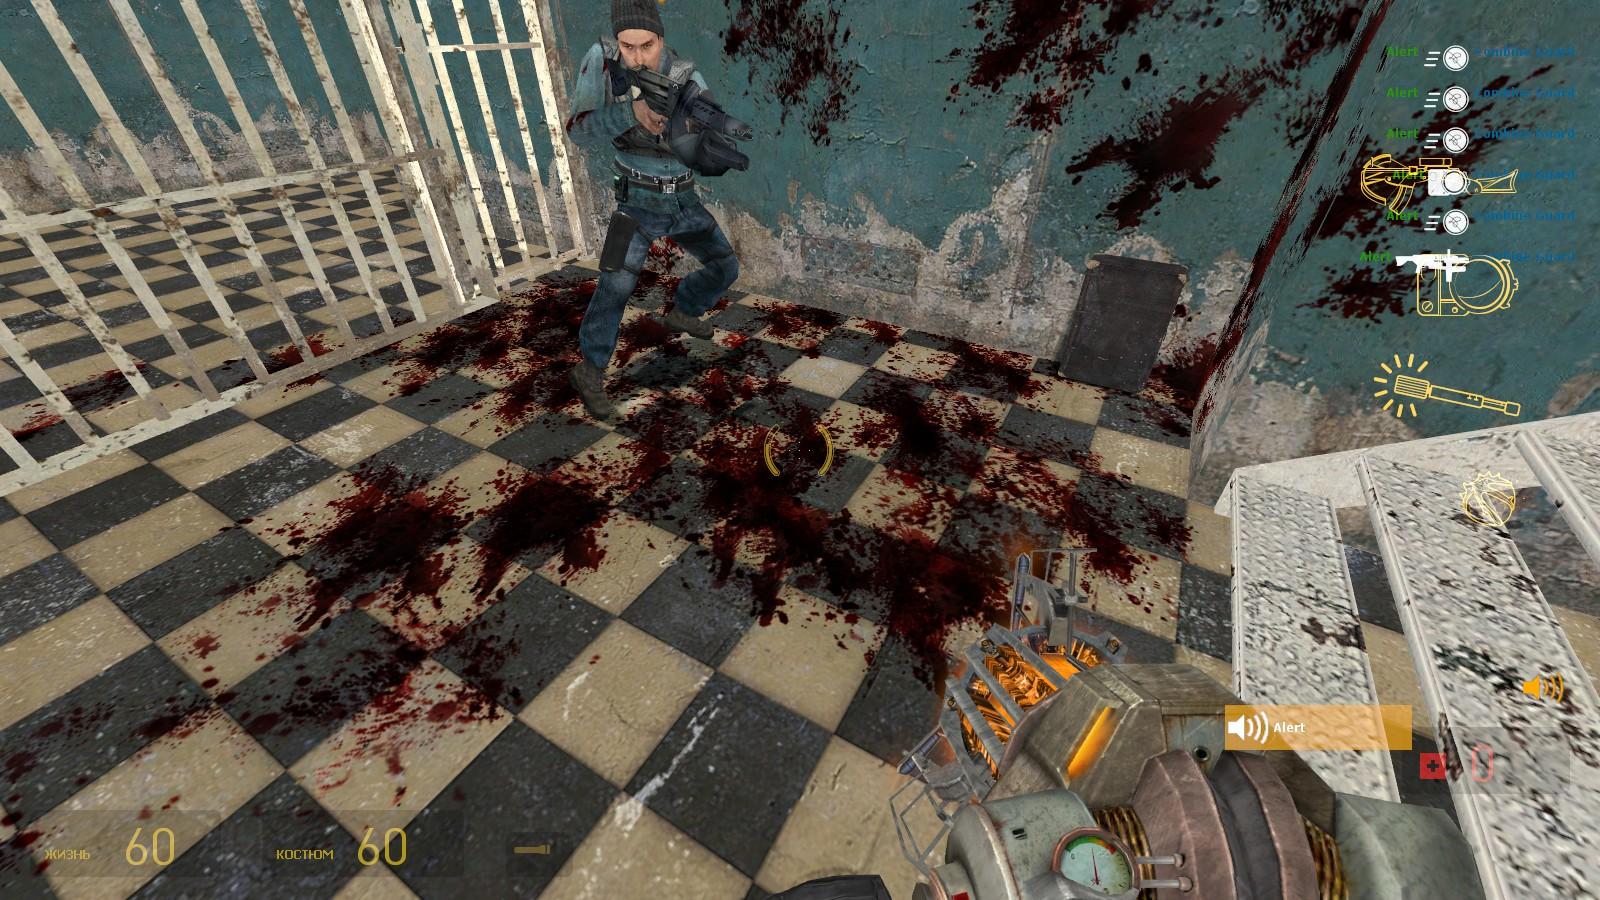 Последствия закатившейся гранаты - Half-Life 2 Synergy, лалка, не фортануло крч, просто в щи